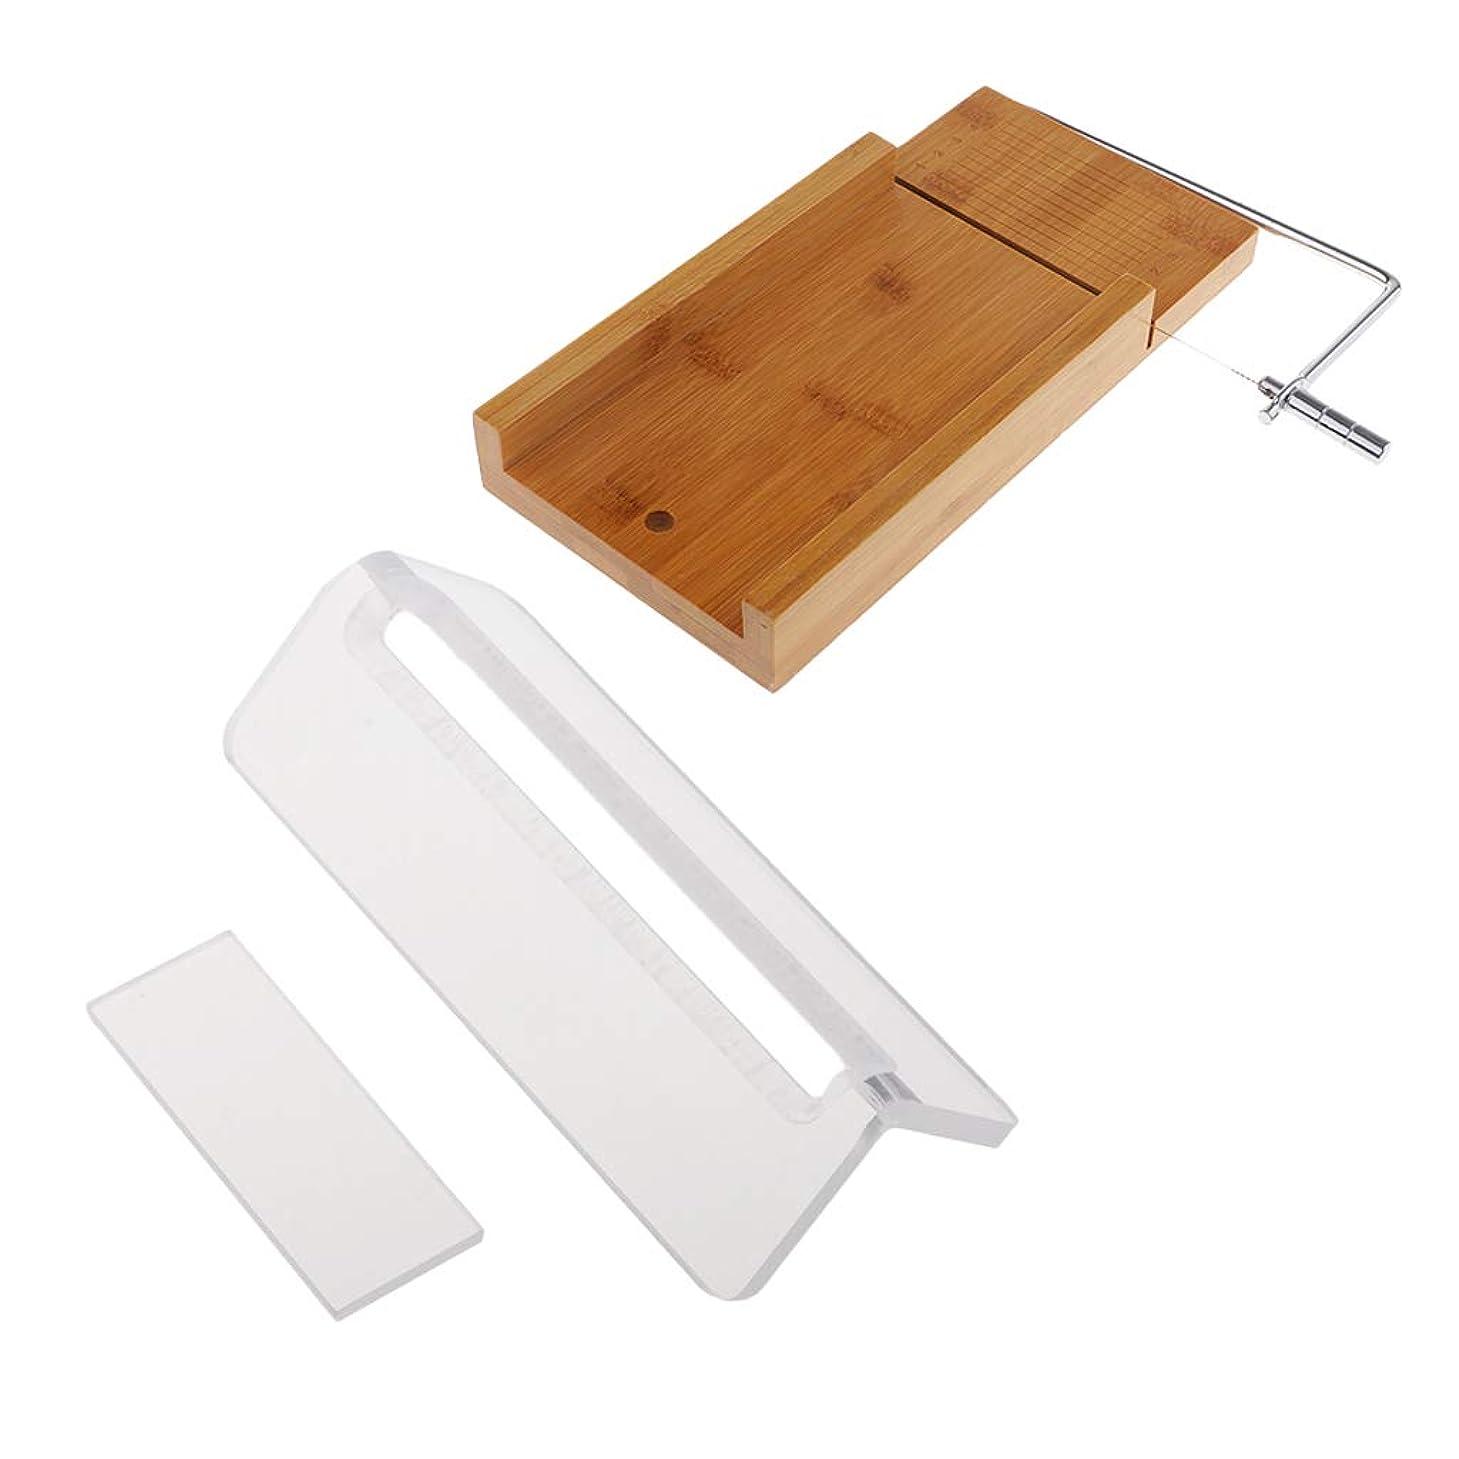 パス溶かす行為FLAMEER ローフカッター 木製 ソープ包丁 石鹸カッター 手作り石鹸 DIY キッチン用品 2個入り